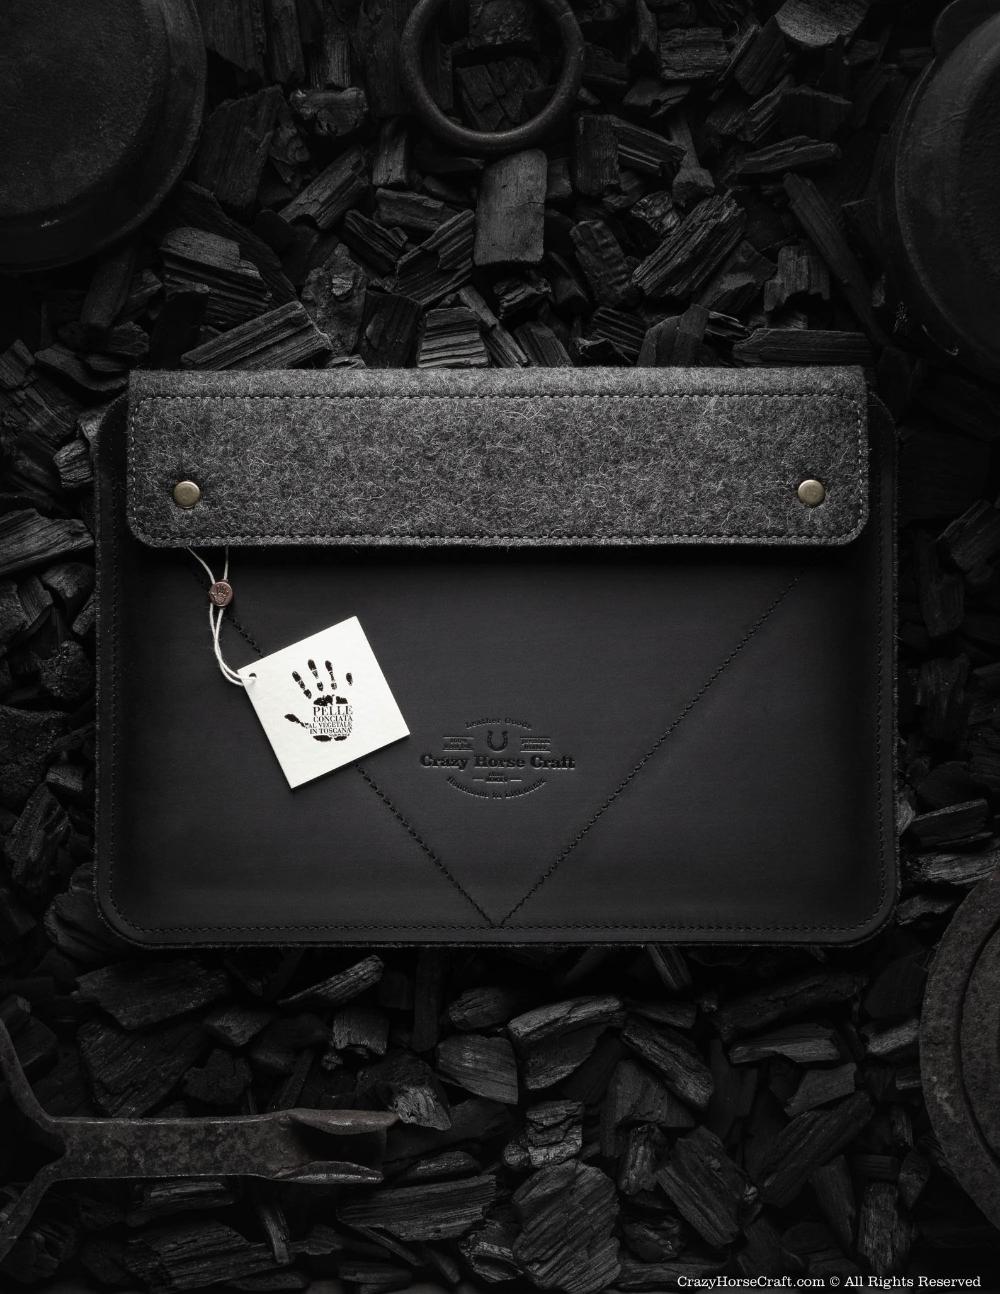 Leather MacBook Air Case 2016 MacBook Pro Sleeve Bags